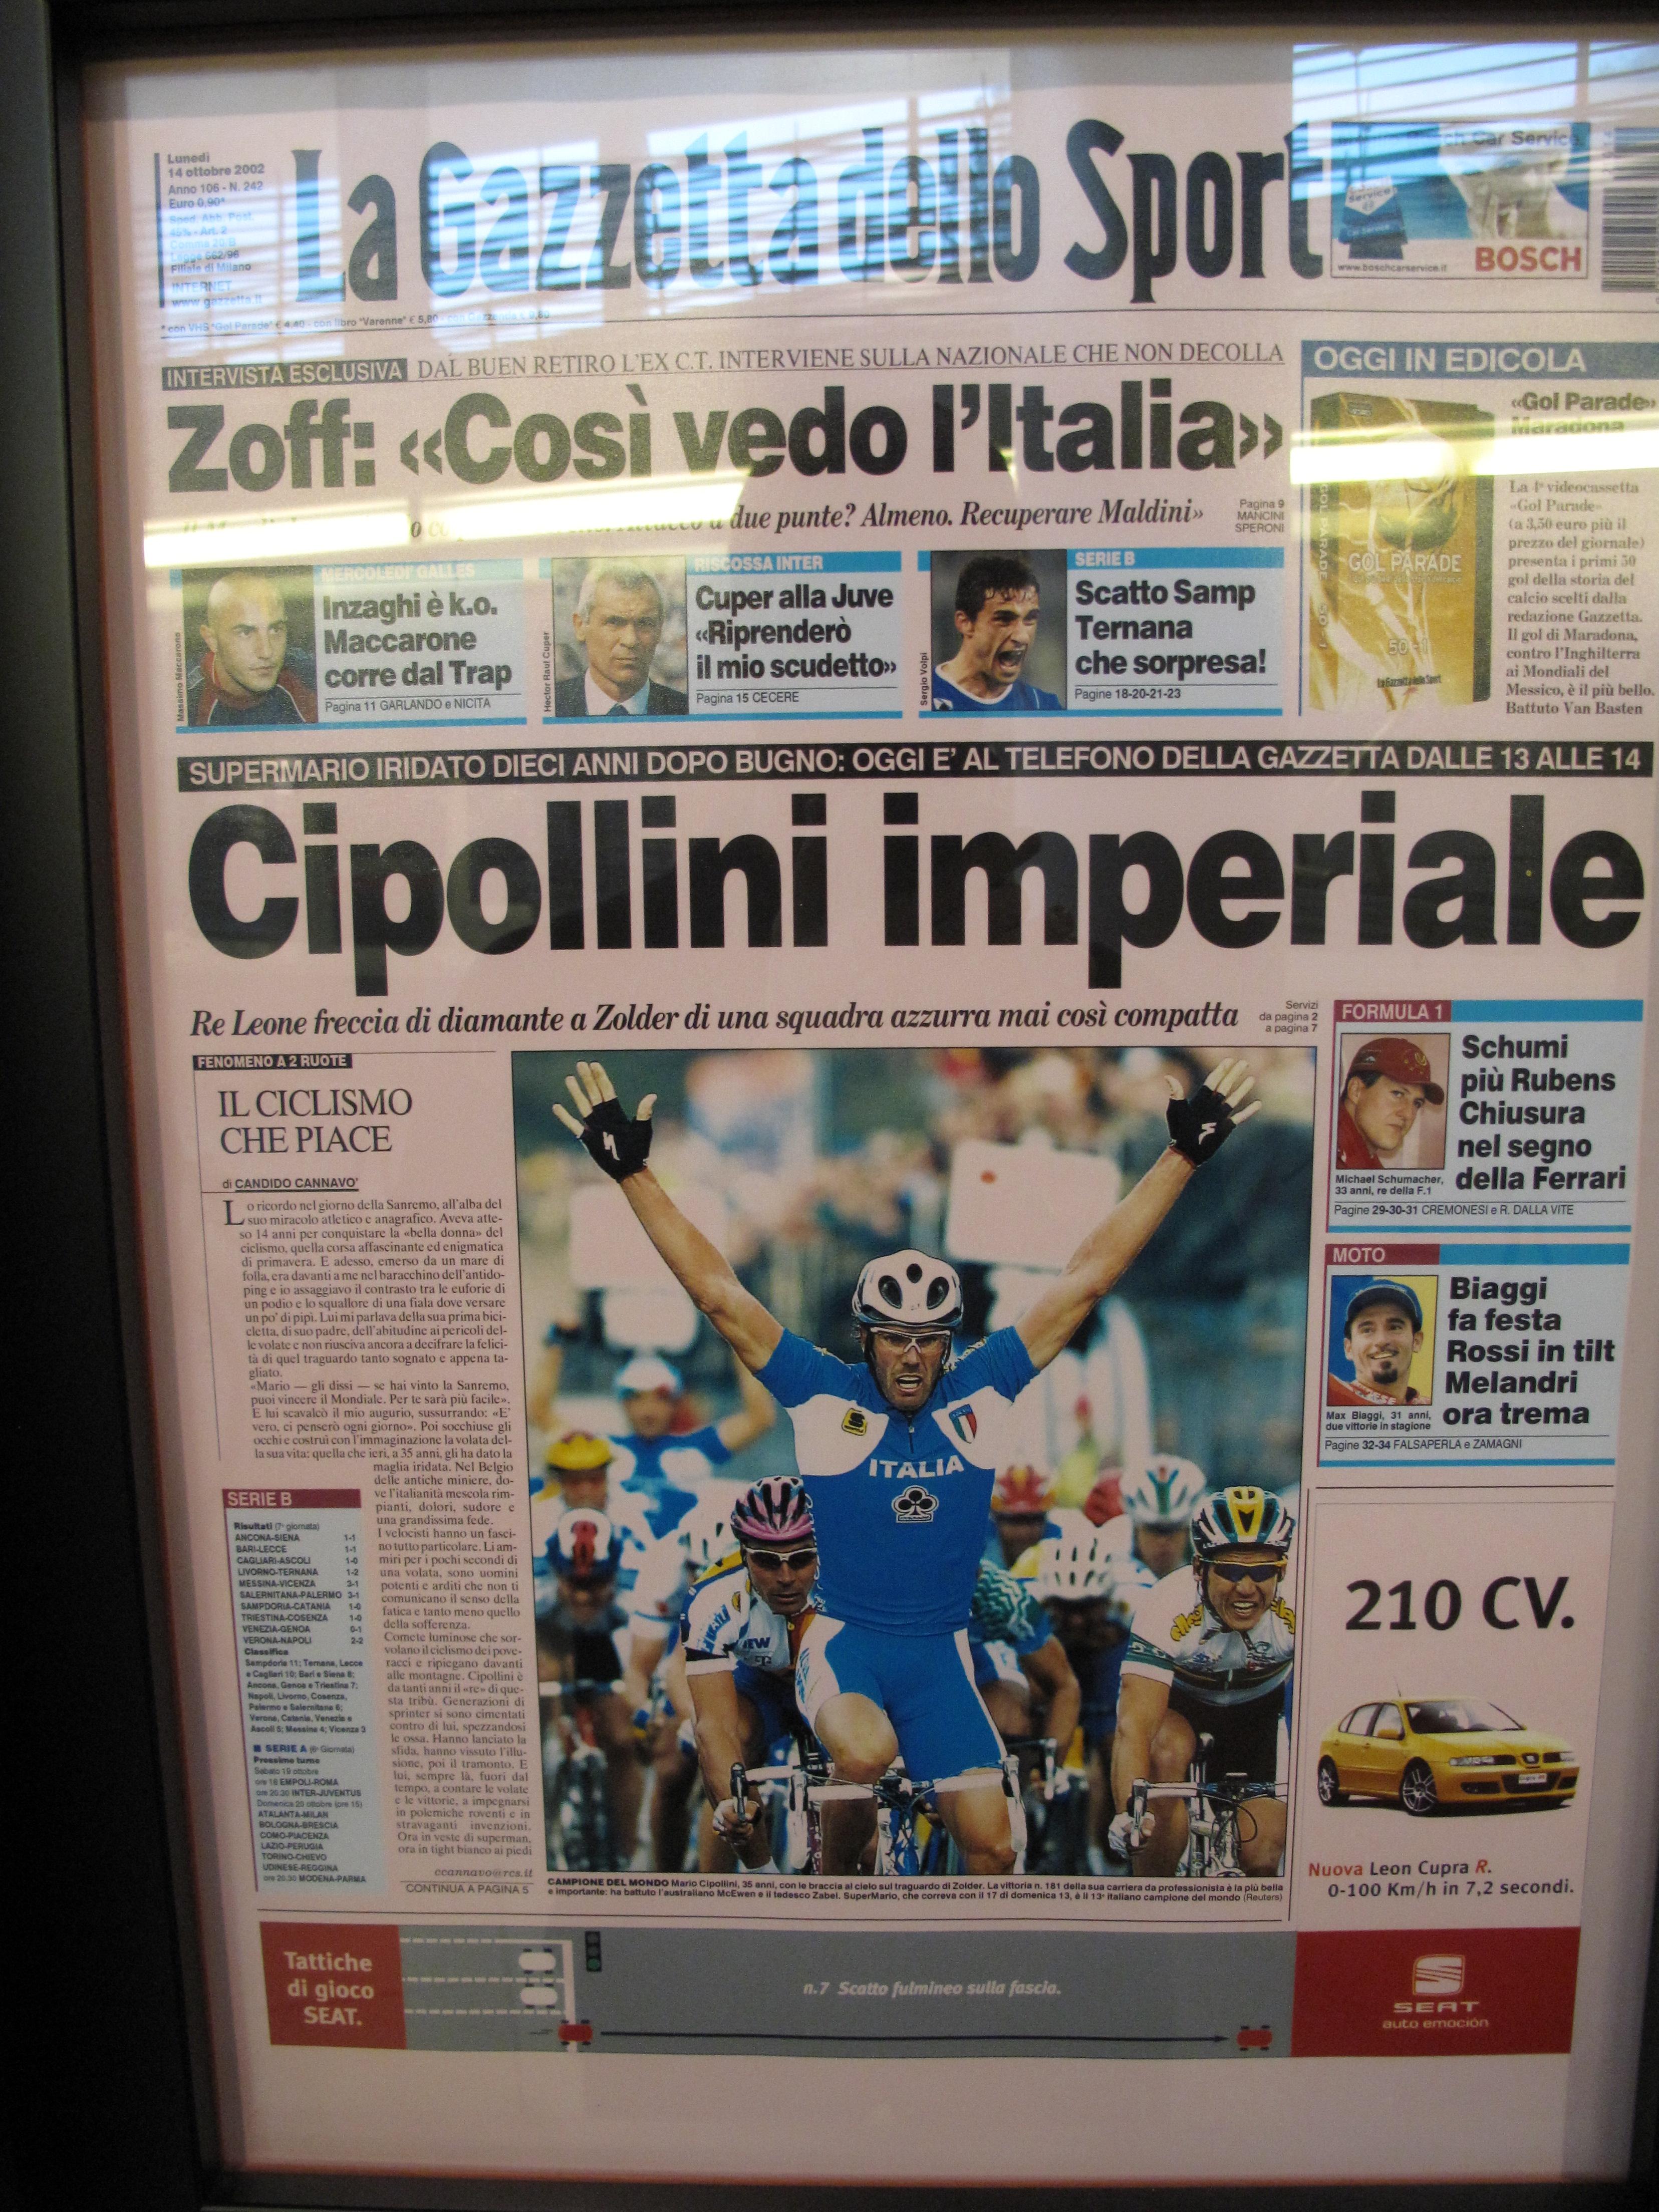 Gazzetta Dello Sport Giro Italia The Gazzetta Dello Sport